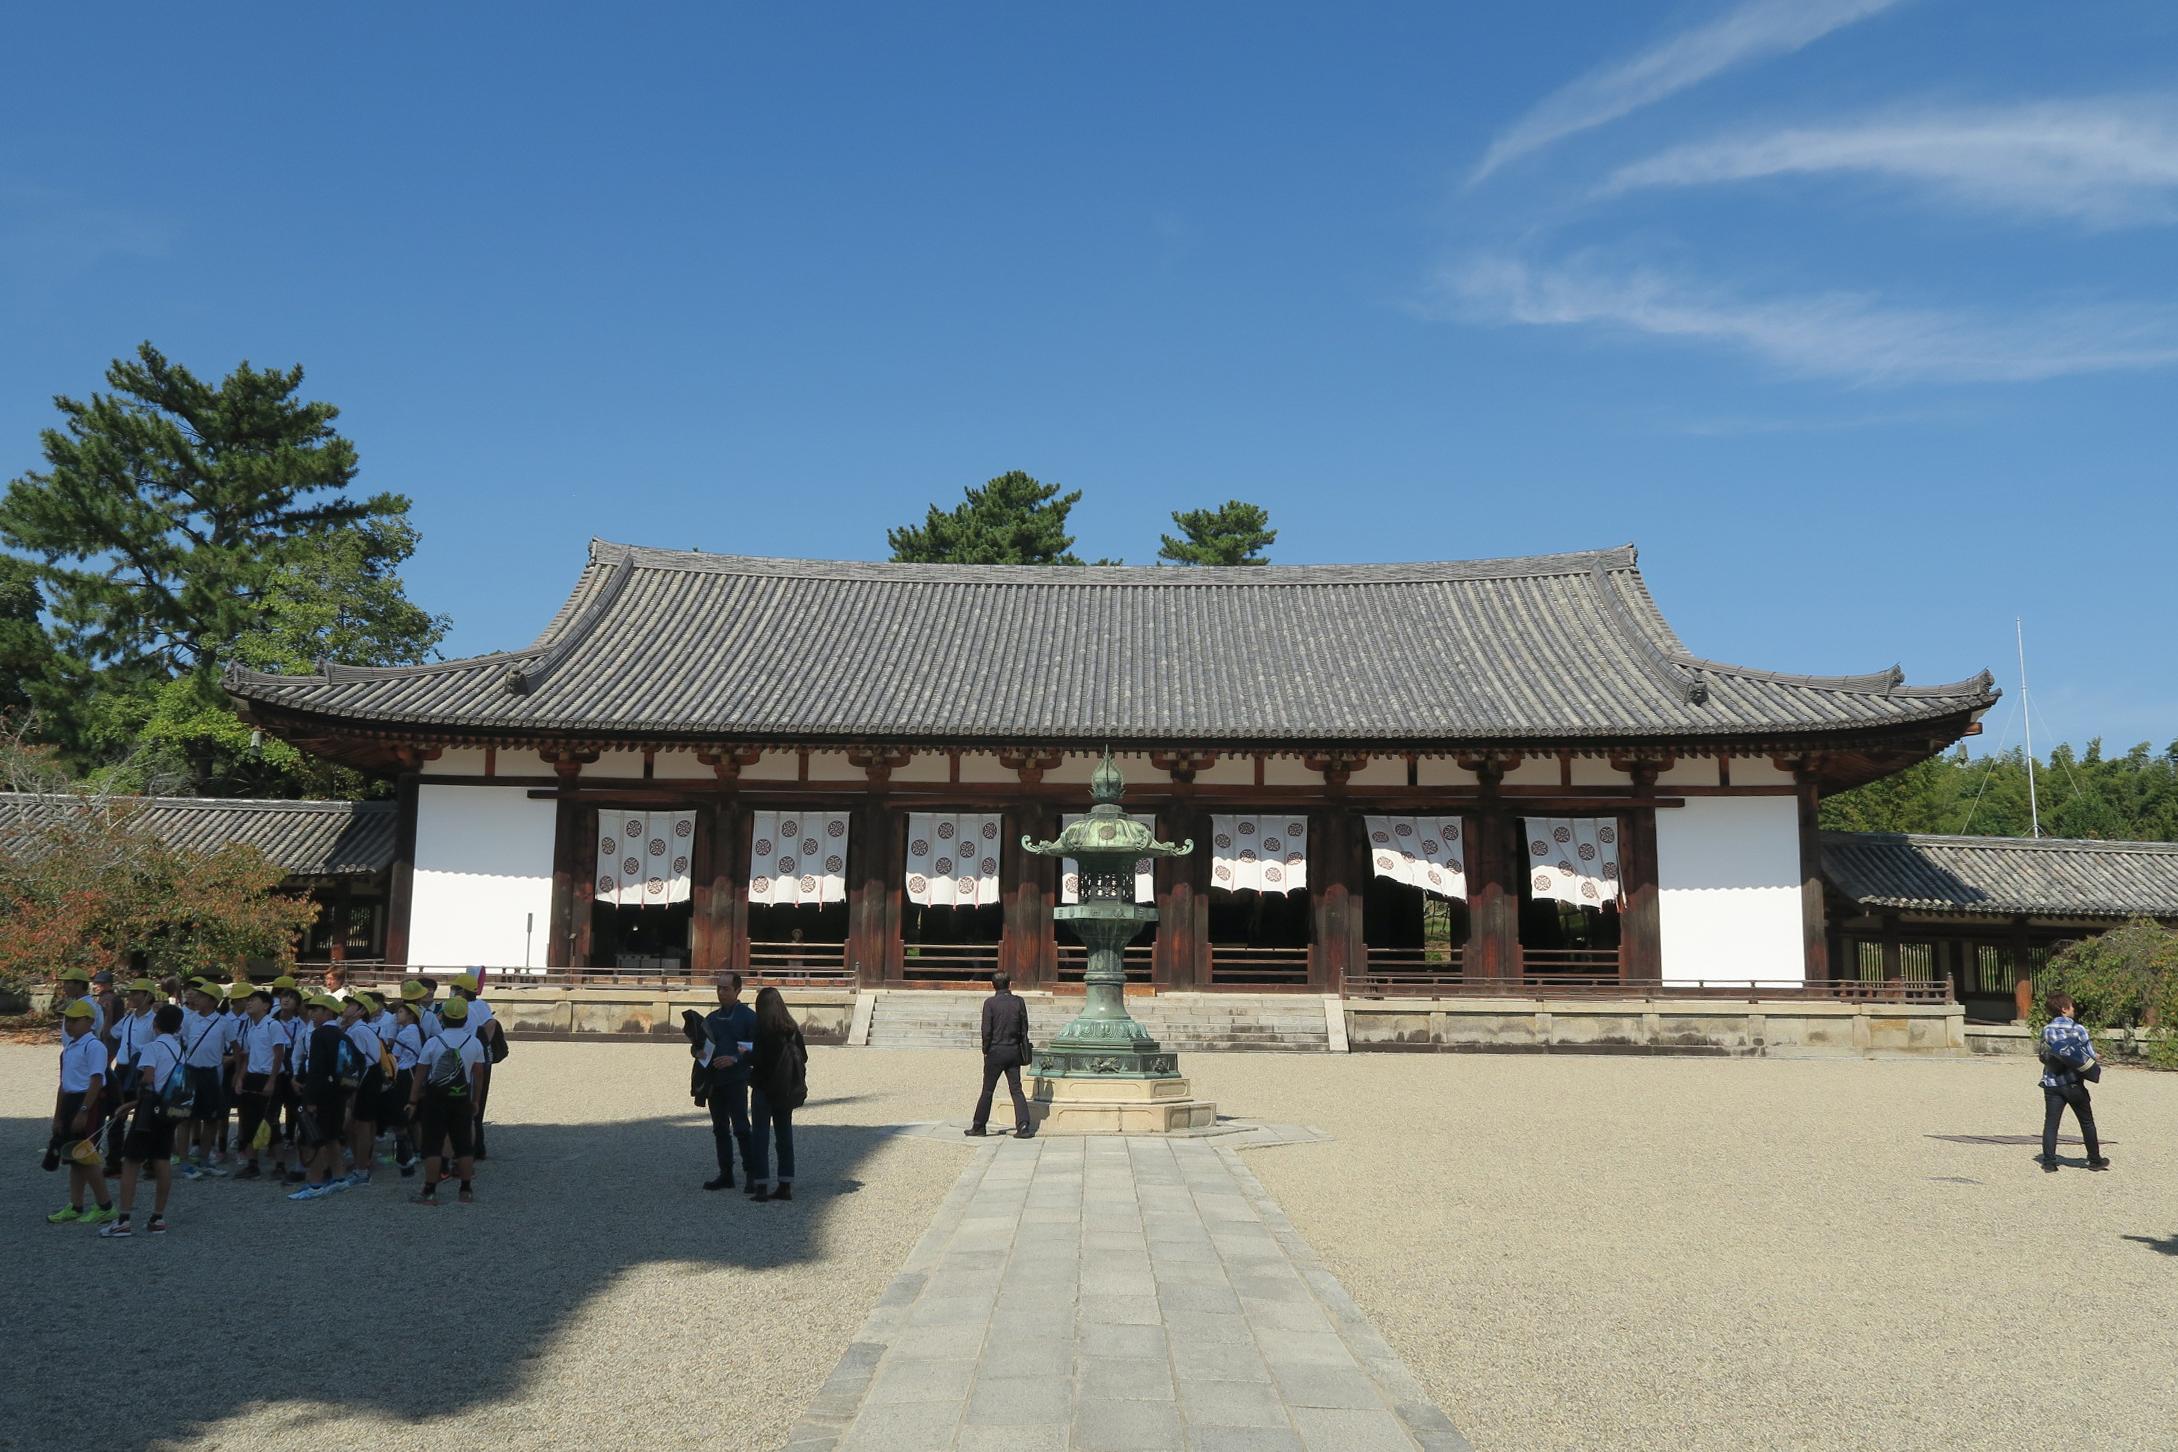 国宝の薬師三尊像が安置されている大講堂。屋根の形が美しいです。